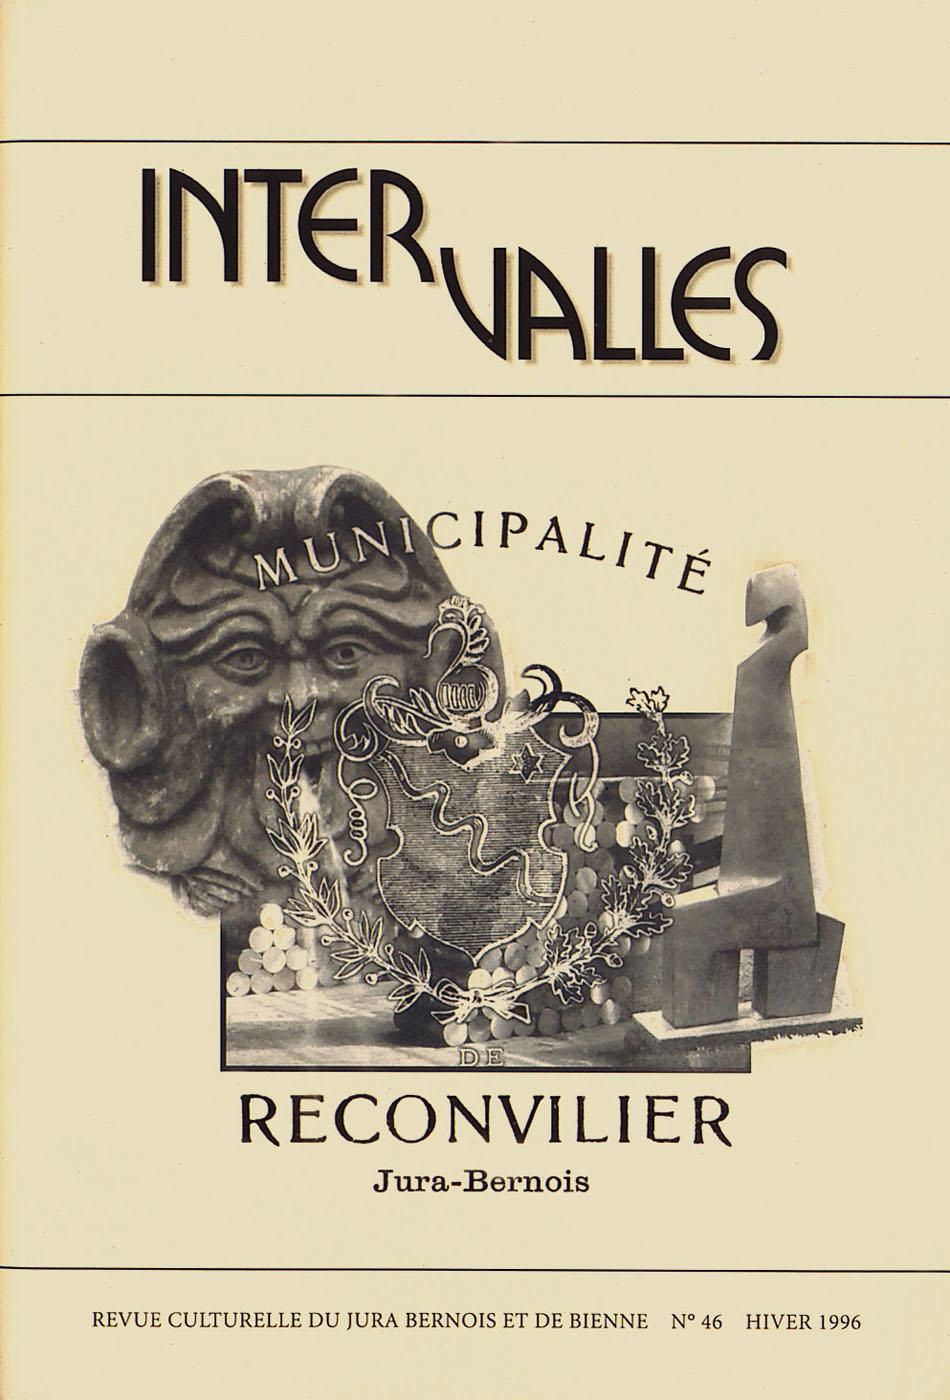 No 46 – Reconvilier